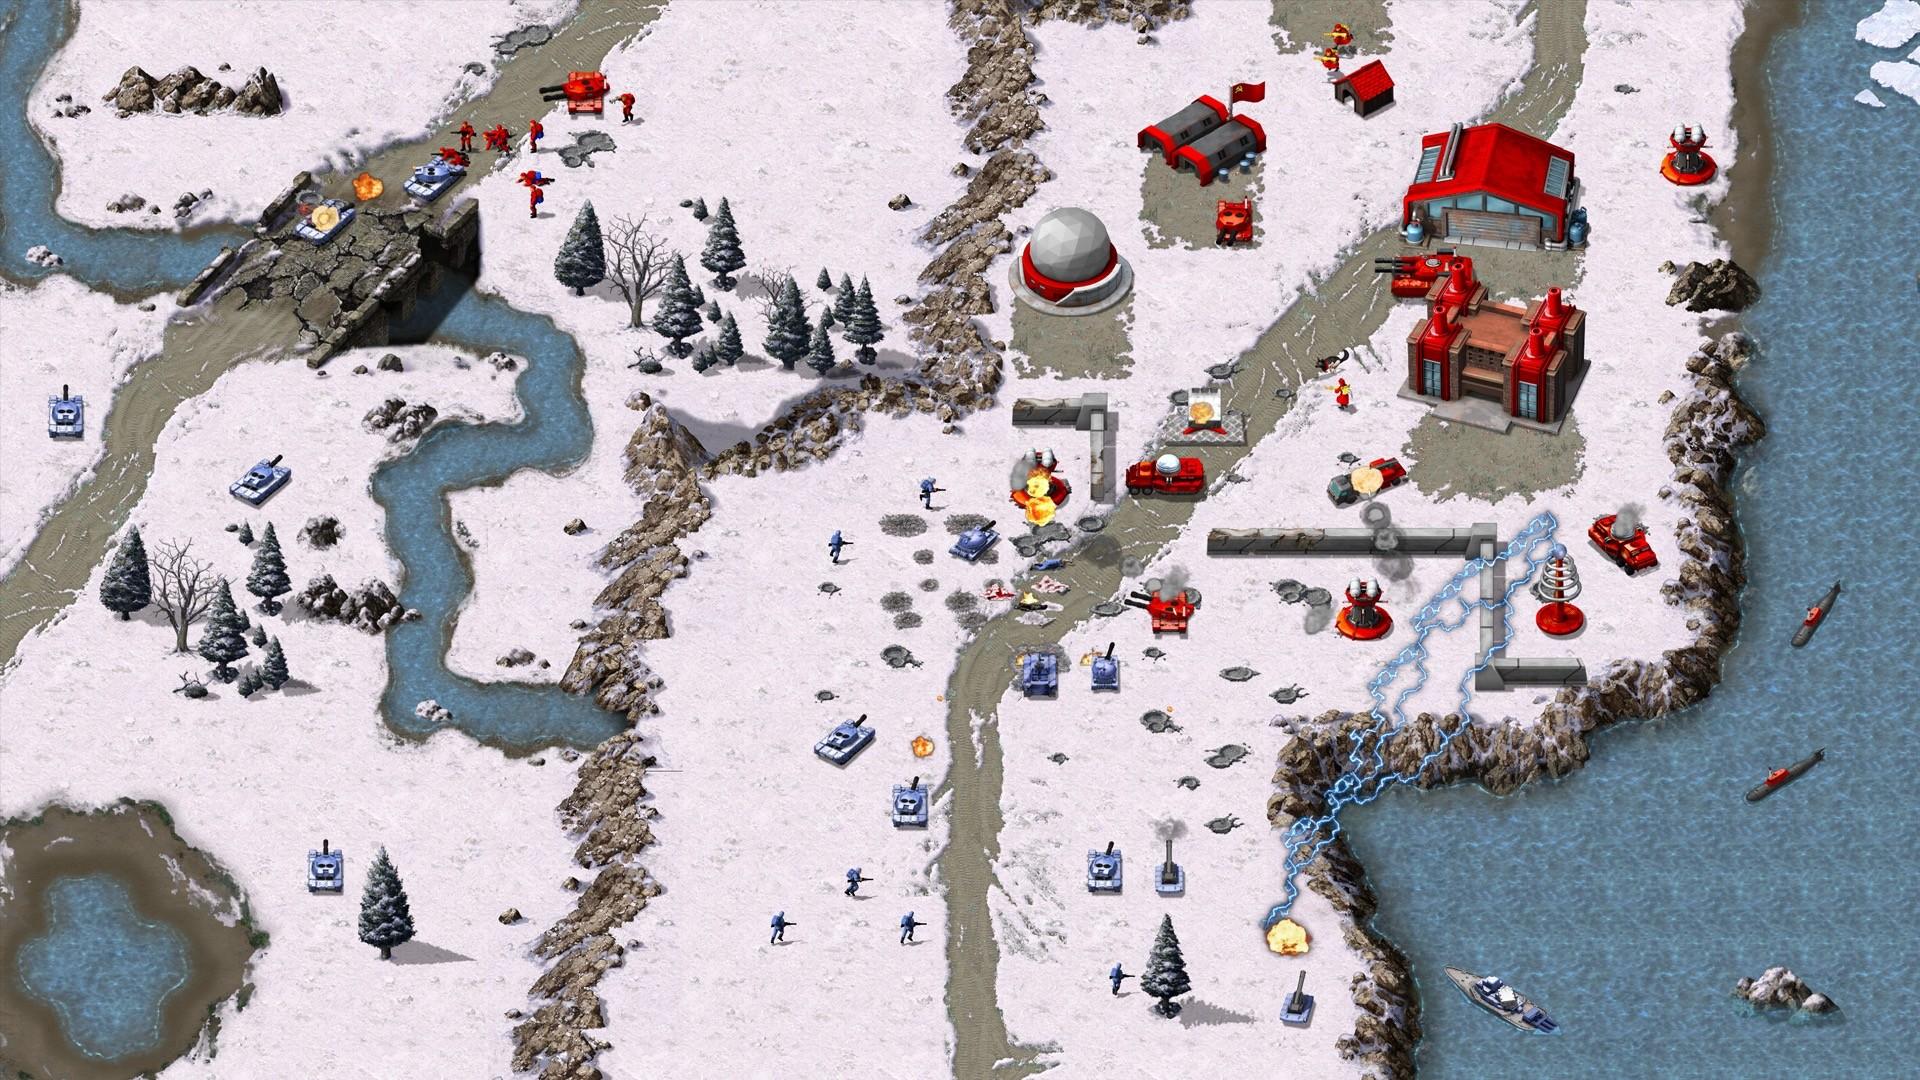 Red Alert ฟื้นคืนชีพ ศึกเกมวางแผนรบ(3)